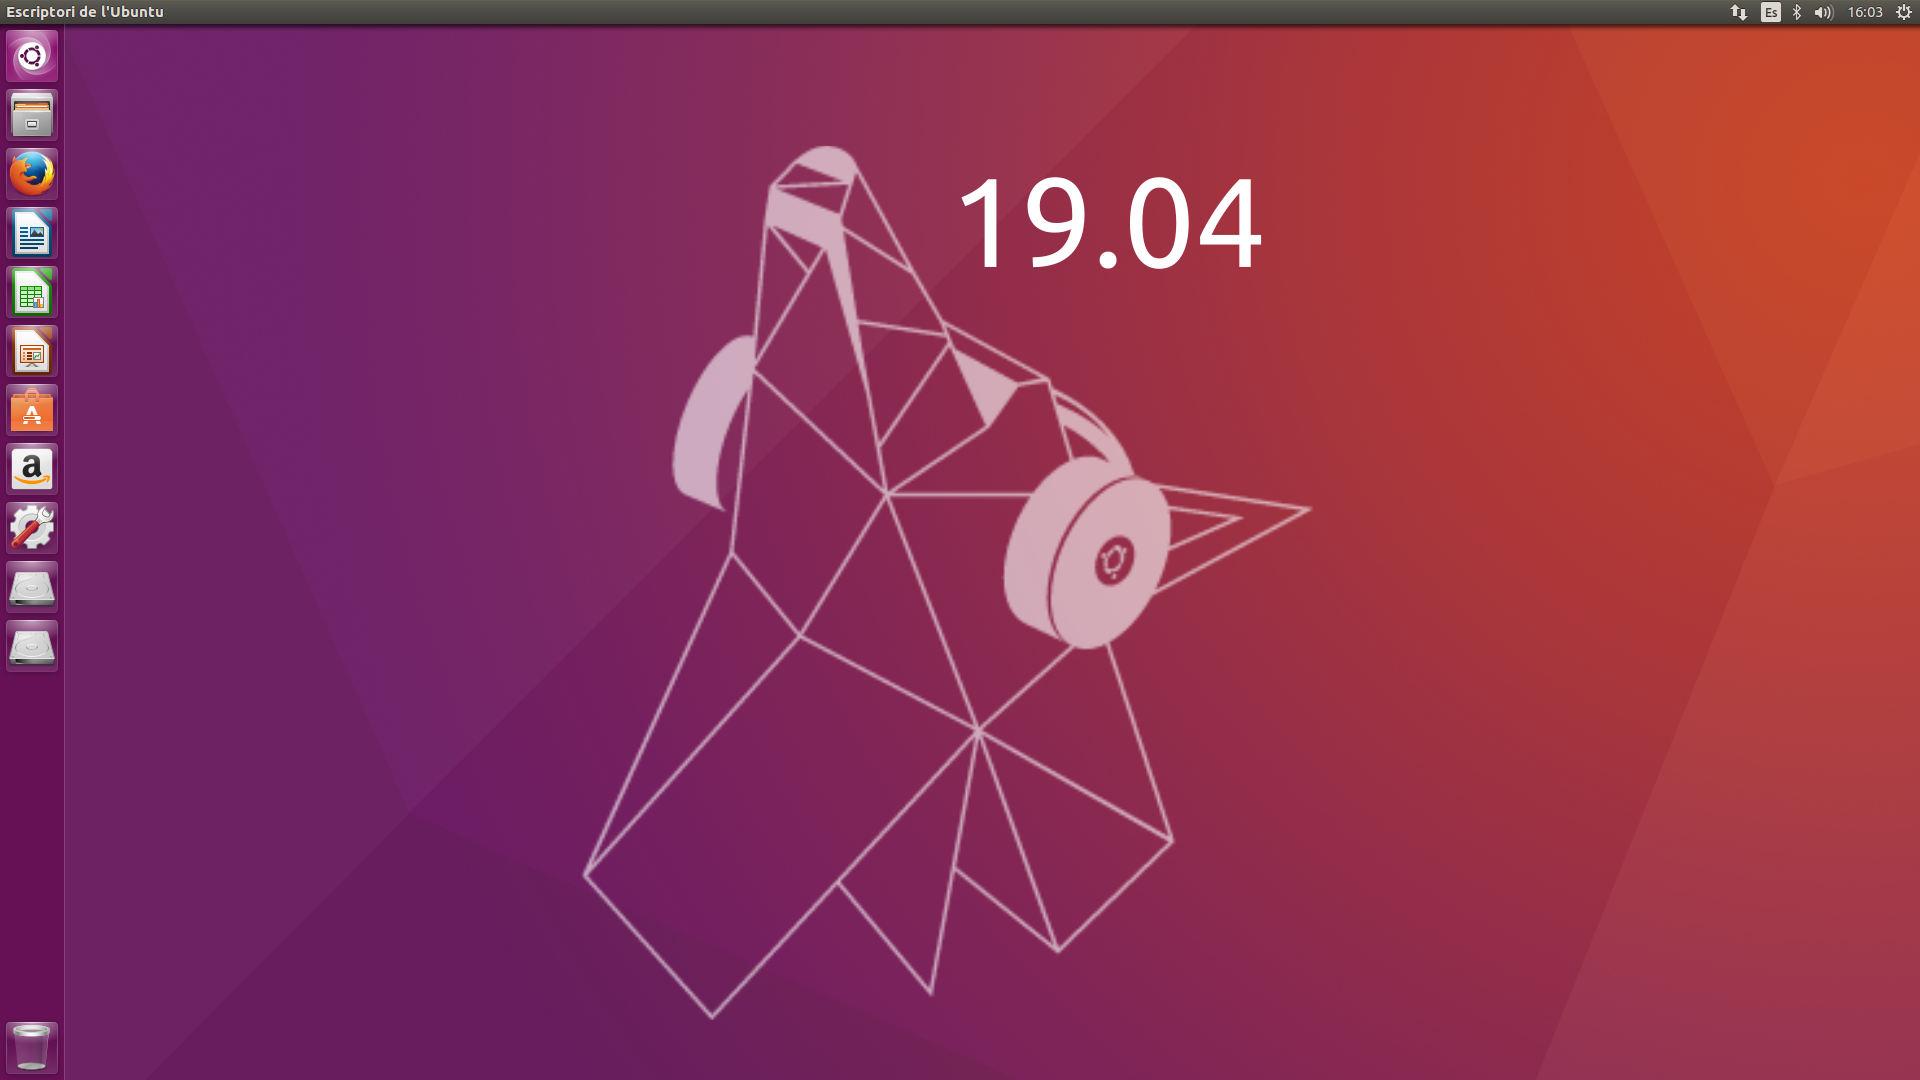 Linux Update auf Ubuntu 19.04